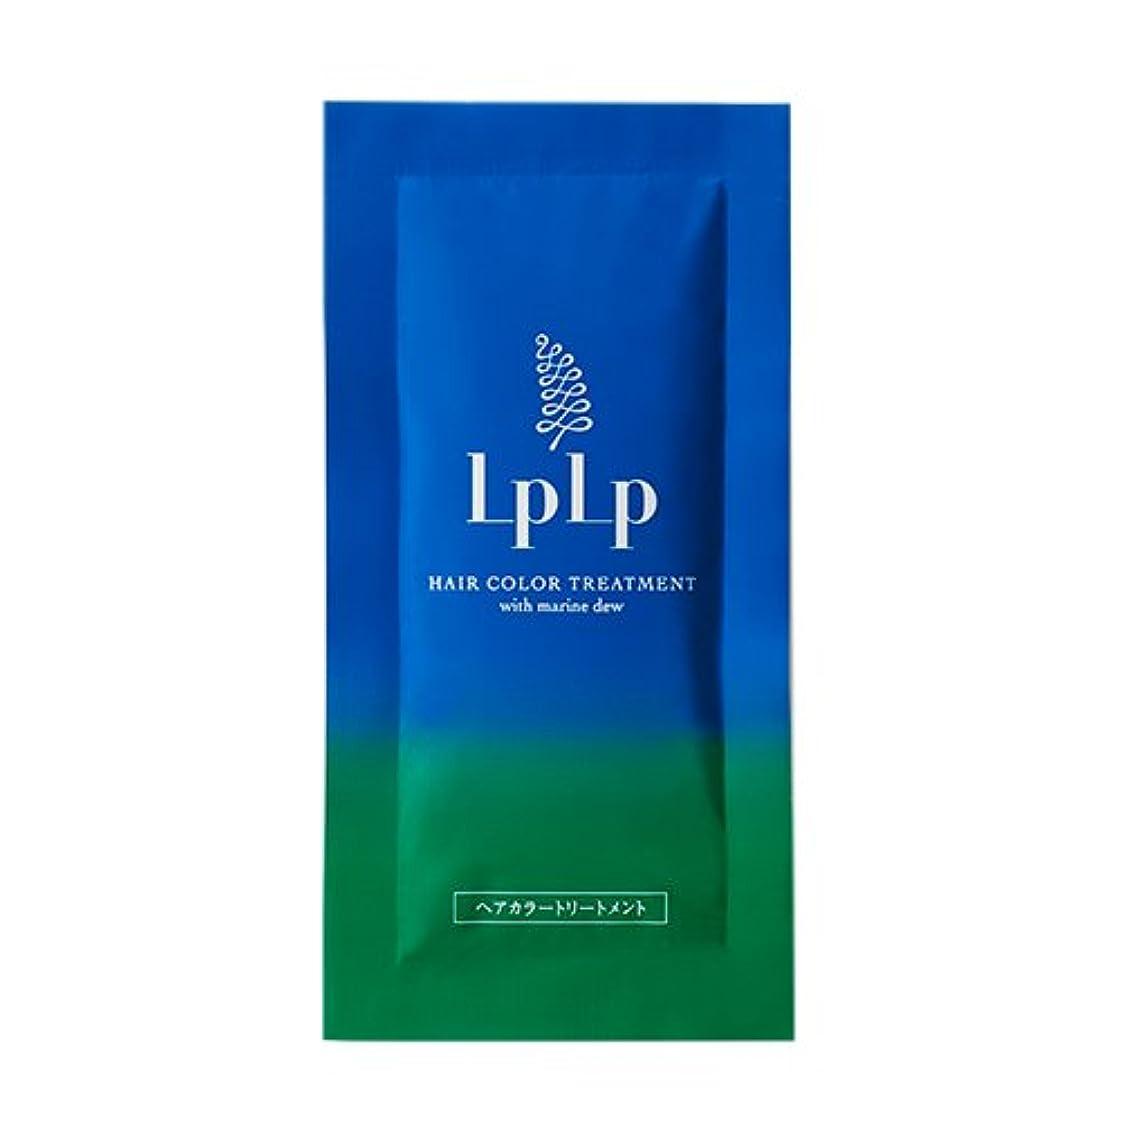 セットアップ凍ったくLPLP(ルプルプ)ヘアカラートリートメントお試しパウチ モカブラウン